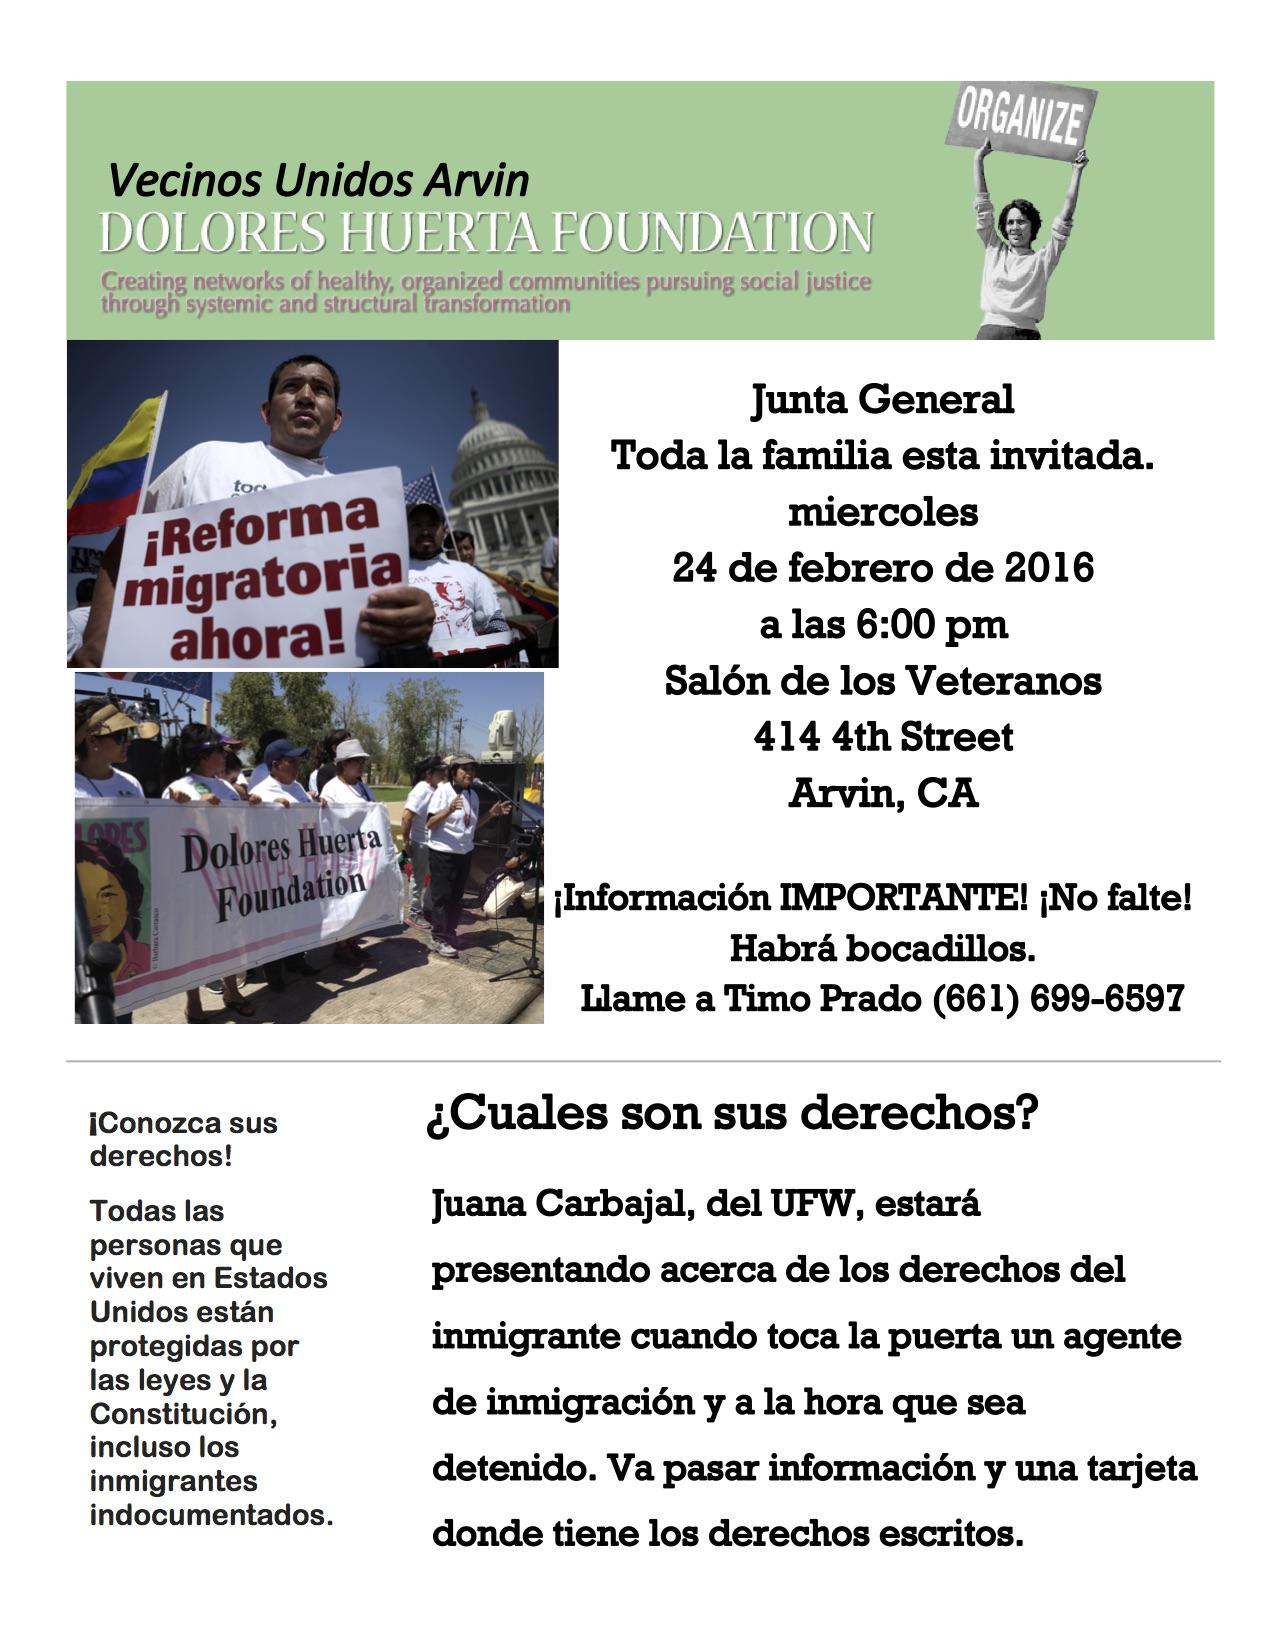 Evento: Junta General Vecinos Unidos Arvin, mier. 24/2/16